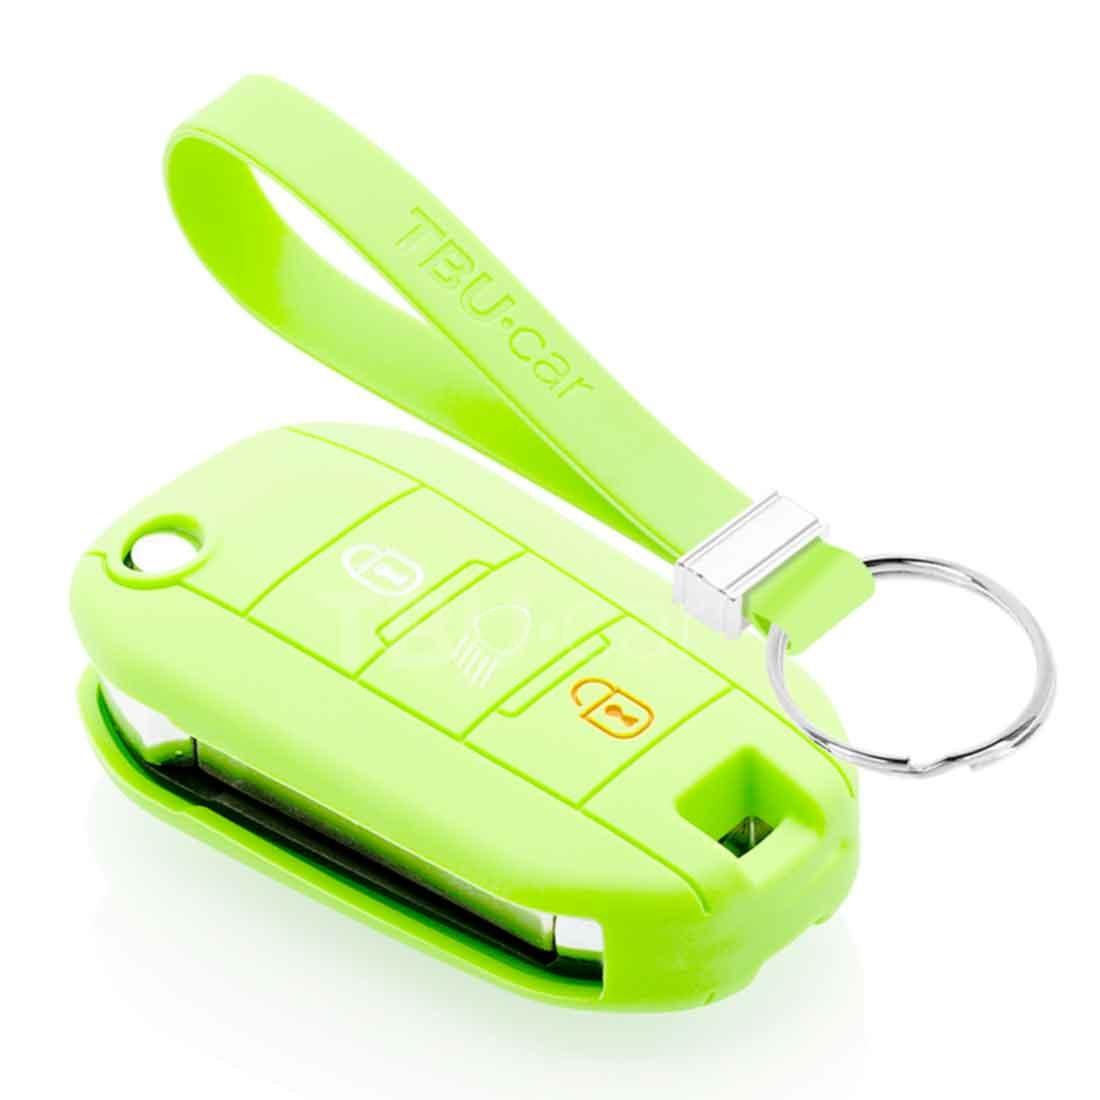 TBU car TBU car Autoschlüssel Hülle kompatibel mit Citroën 3 Tasten (Licht Taste) - Schutzhülle aus Silikon - Auto Schlüsselhülle Cover in Im Dunkeln leuchten